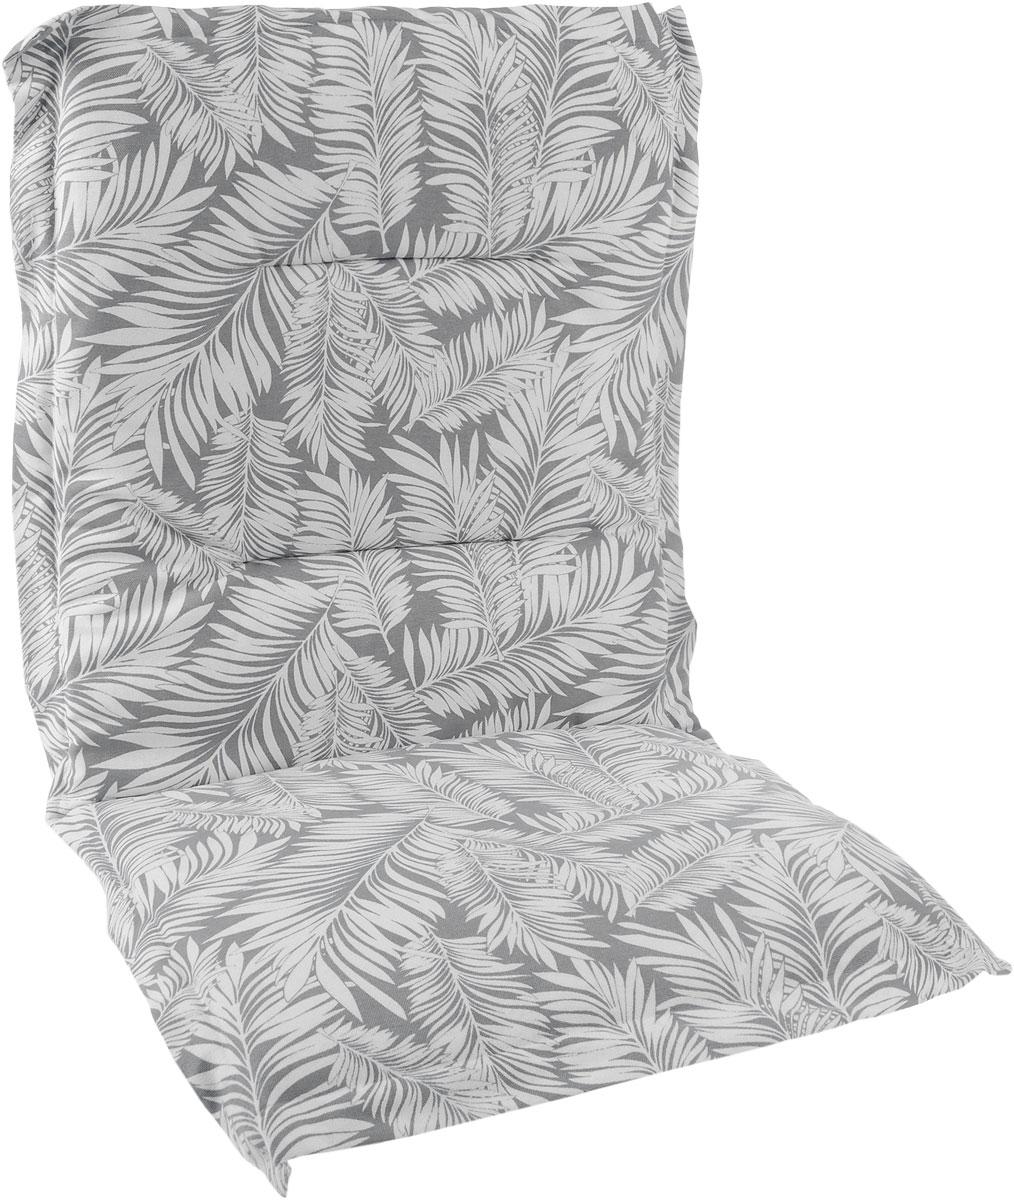 Подушка на стул KauffOrt Пальма, со спинкой, 50 x 100 см3125082100Подушка на стул KauffOrt Пальма не только красиво дополнит интерьер кухни, но и обеспечит комфорт при сидении. Чехол выполнен из поликоттона (хлопок и полиэстер) и украшен принтом. Внутри - мягкий наполнитель из поролона. Подушка легко крепится на стул с помощью завязок и резинки. Правильно сидеть - значит сохранить здоровье на долгие годы. Жесткие сидения подвергают наше здоровье опасности. Подушка с мягким наполнителем поможет предотвратить многие беды, которыми грозит сидячий образ жизни.